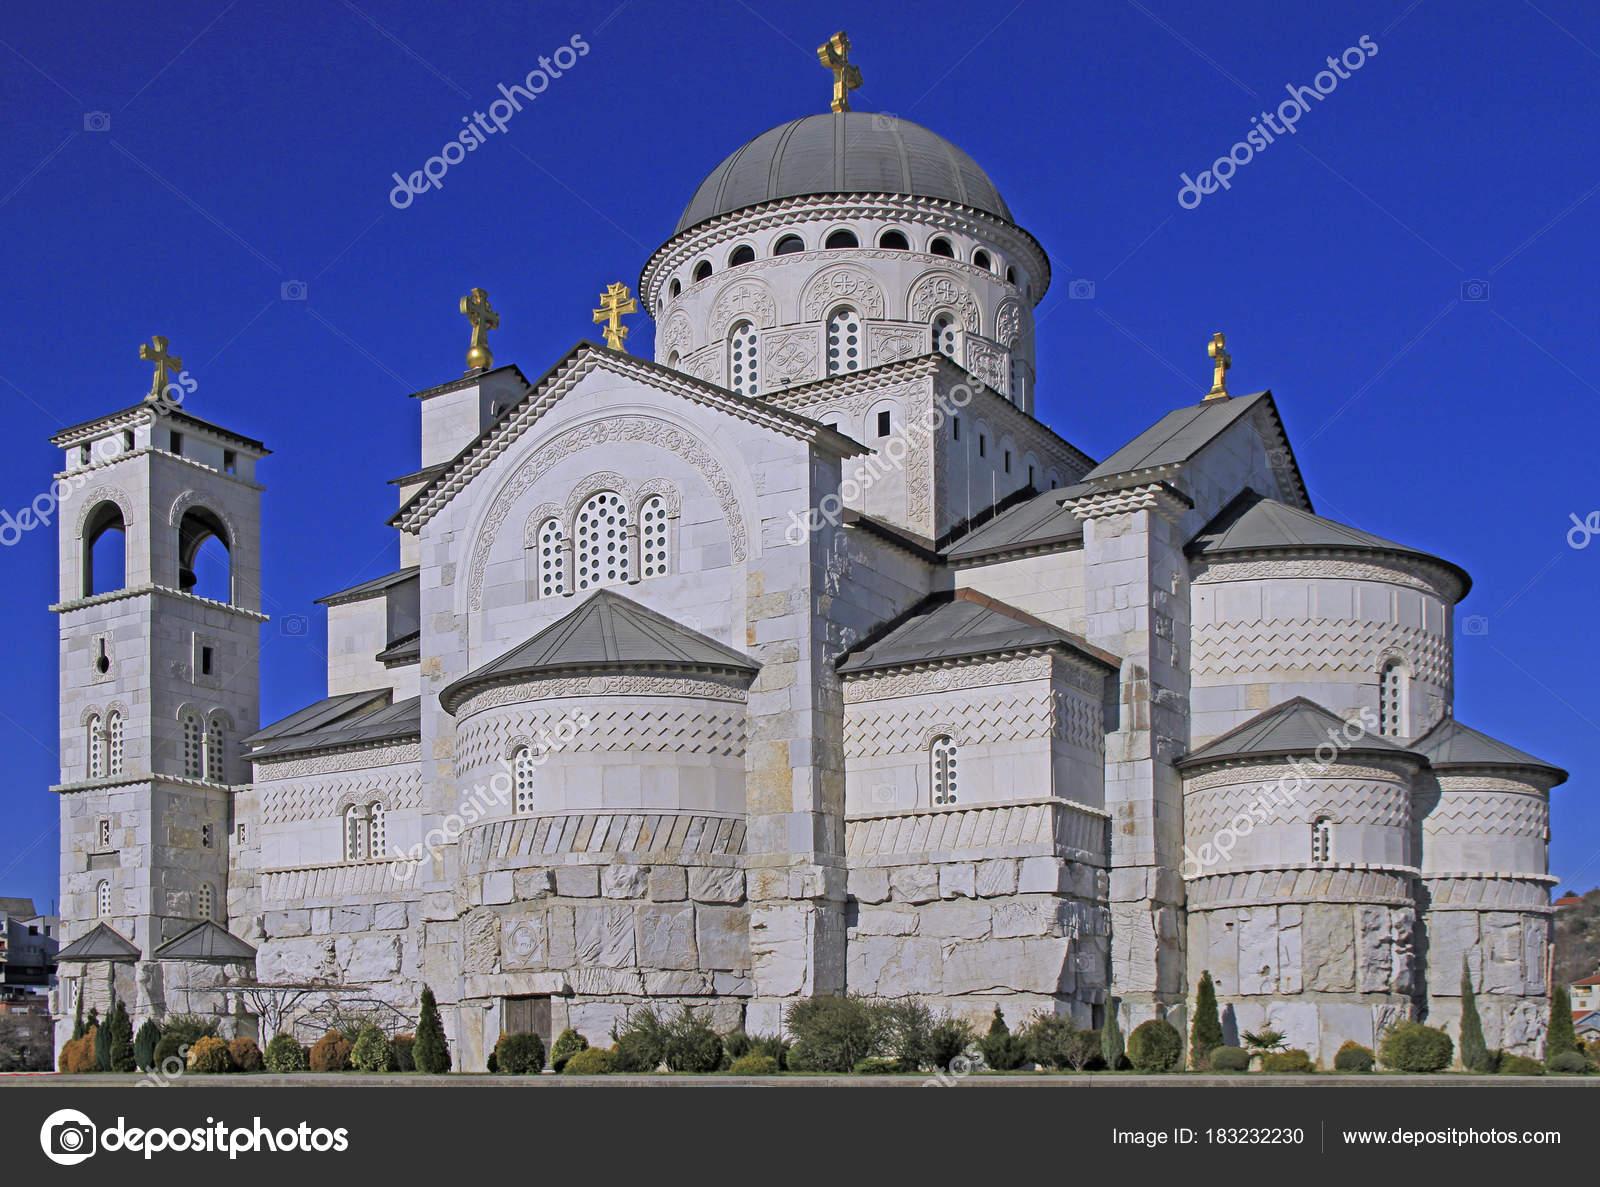 La Credenza Podgorica : Cattedrale della risurrezione di cristo a podgorica u foto stock